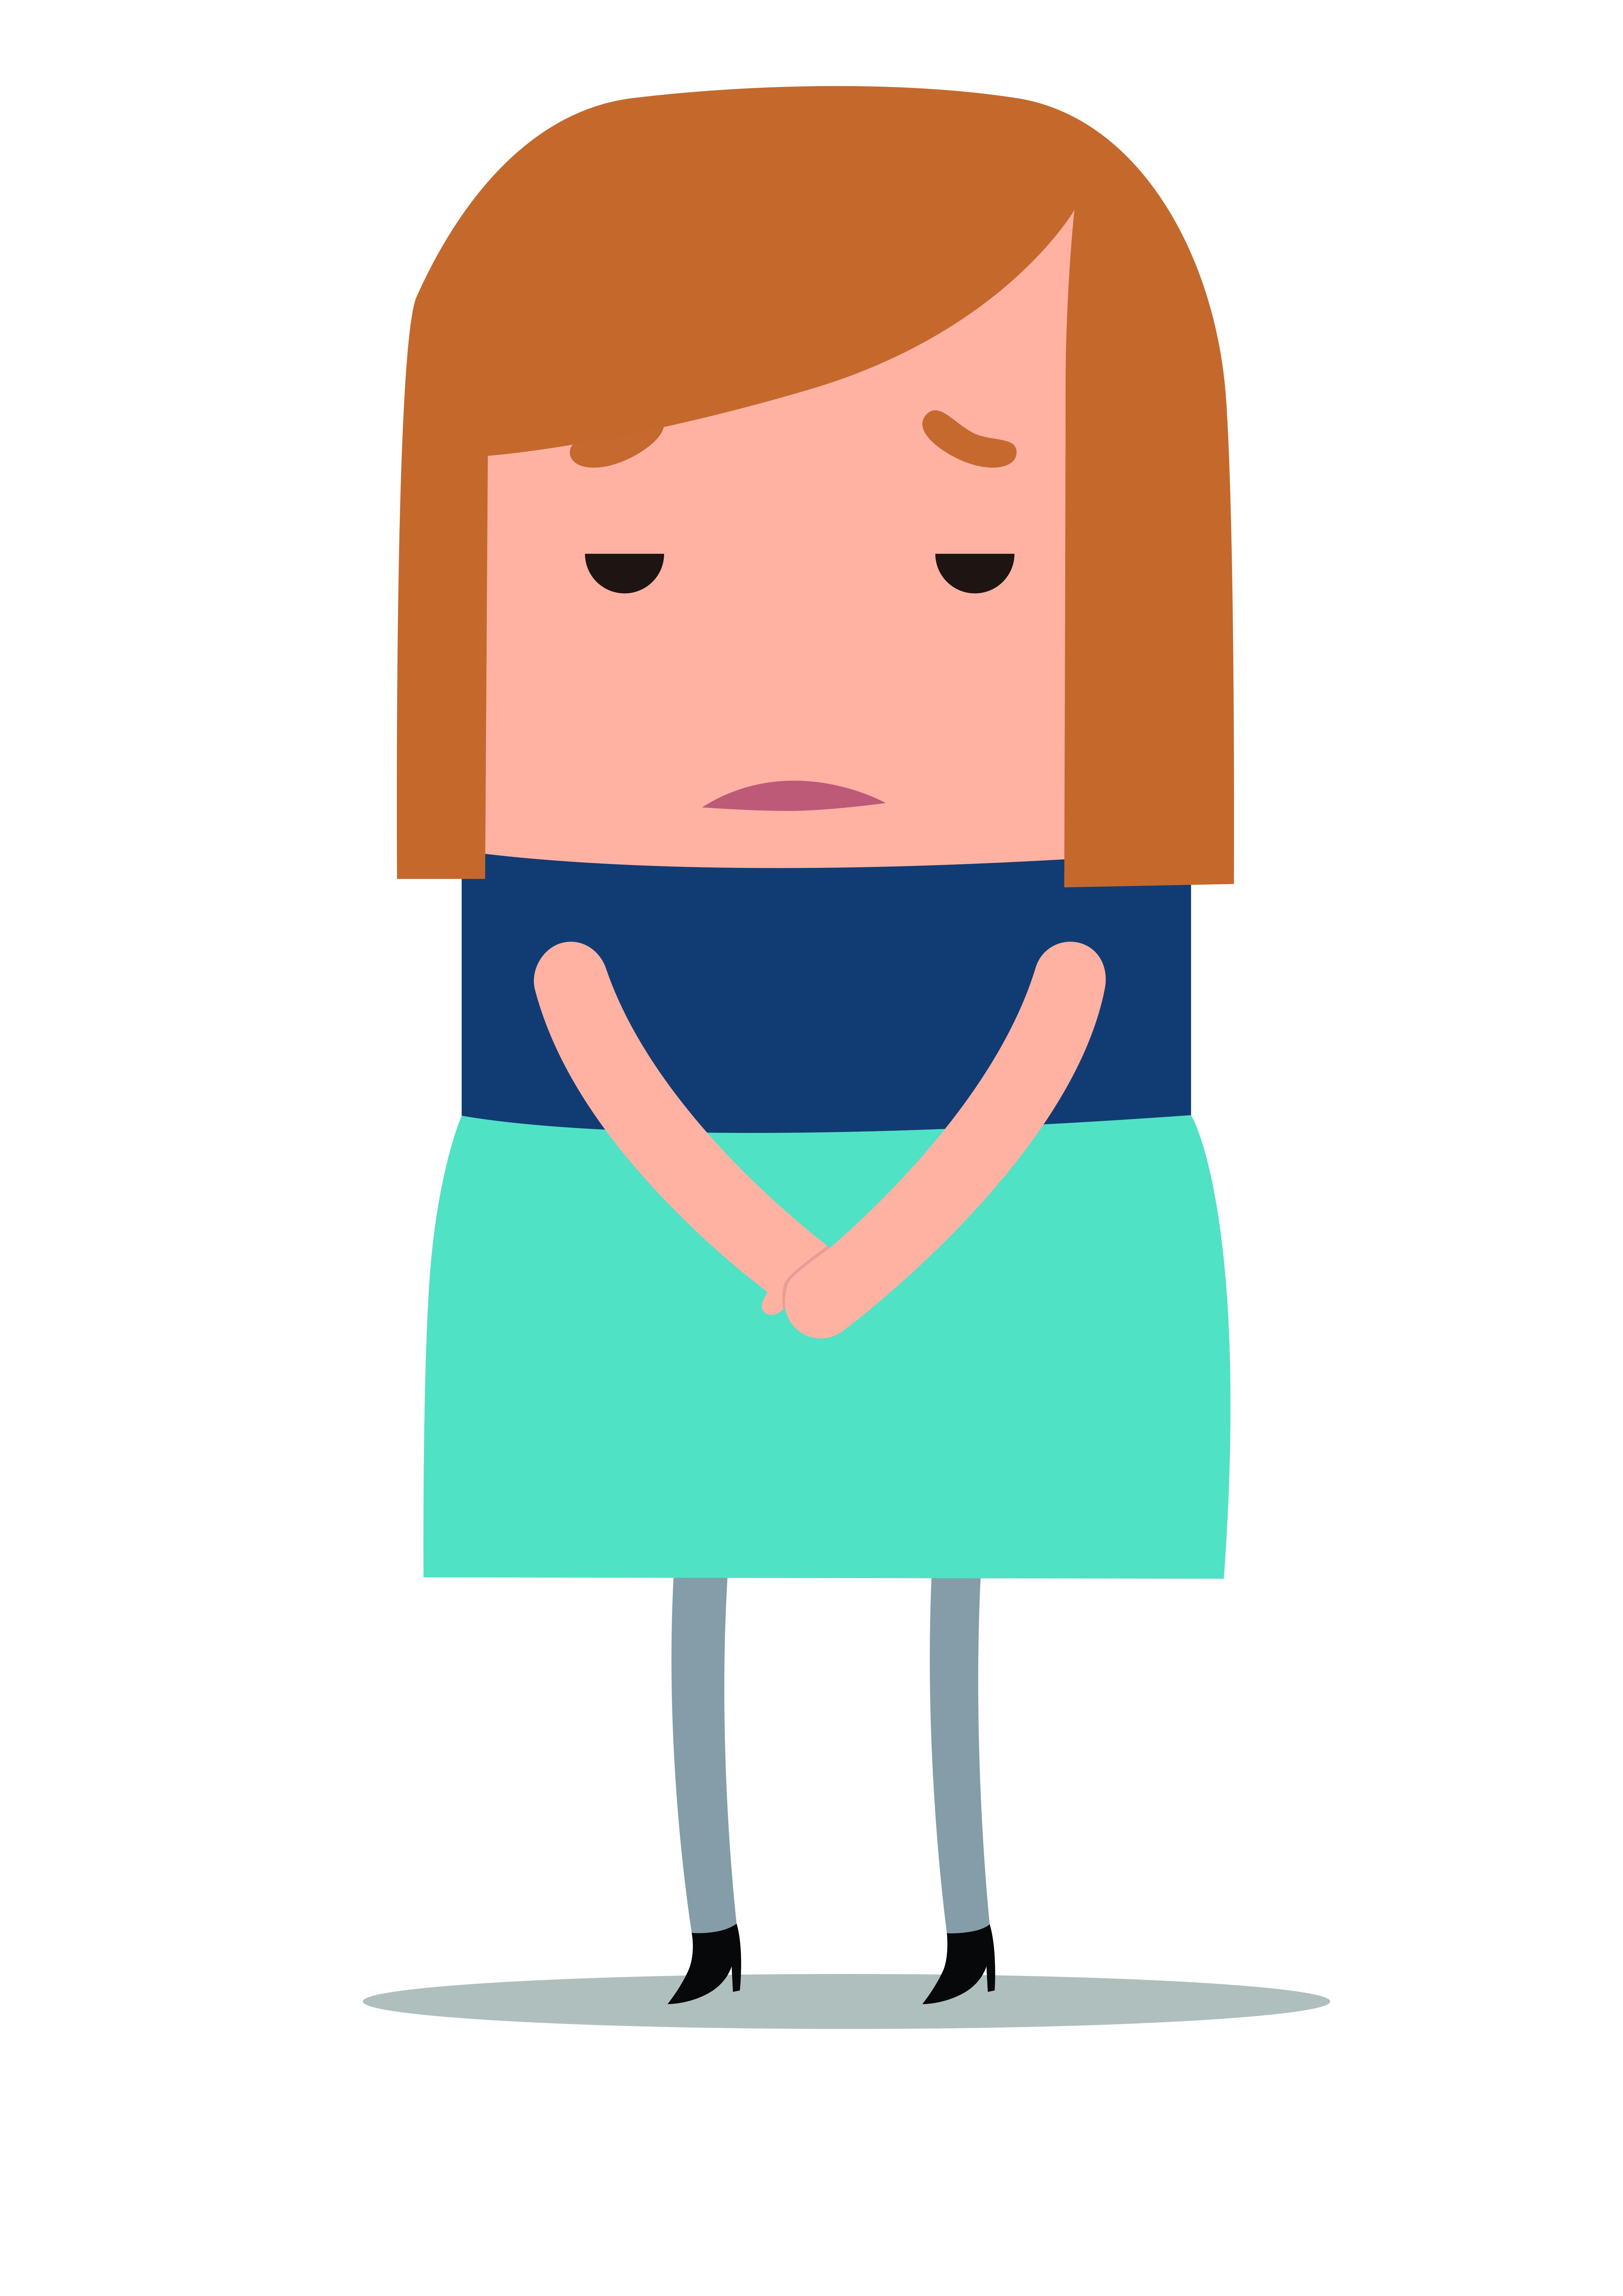 Illustratie van verdrietig kijkende vrouw